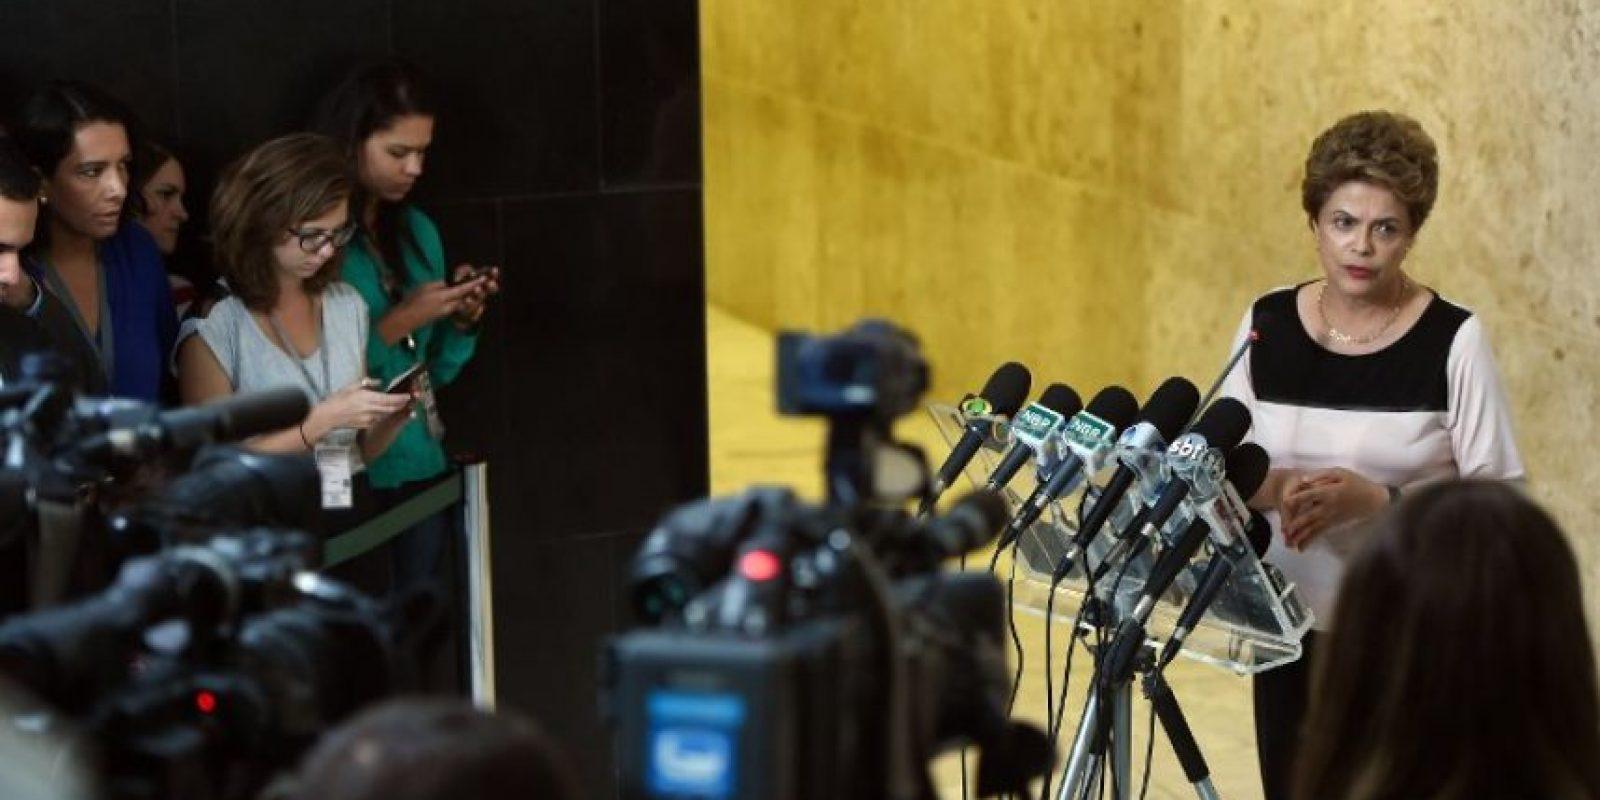 ¿Cómo reaccionaron los mandatarios a la crisis que afrontan? Foto:AFP